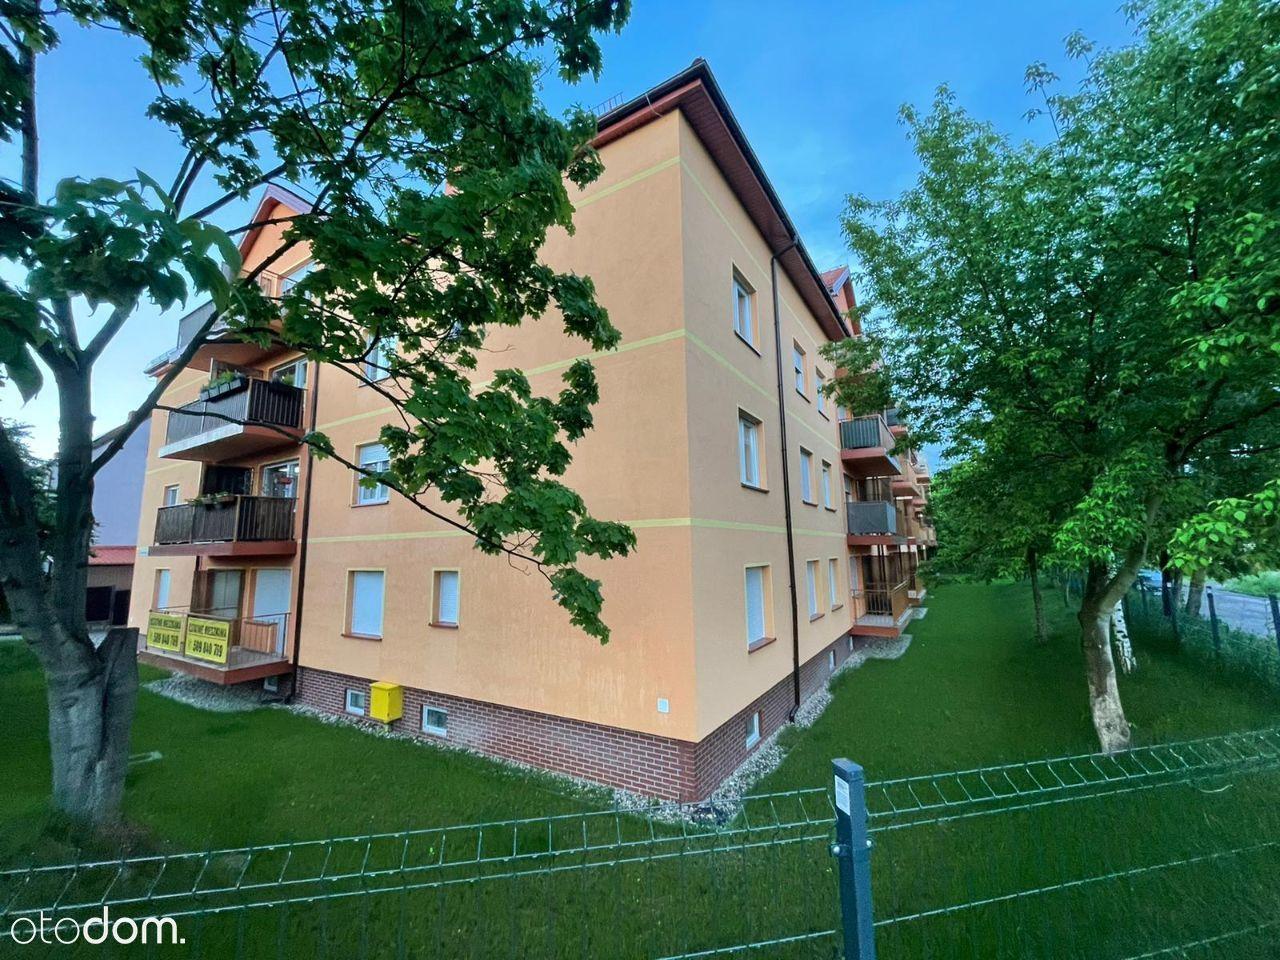 Mieszkanie/parter/2 pokoje/parking/piwnica/w cenie